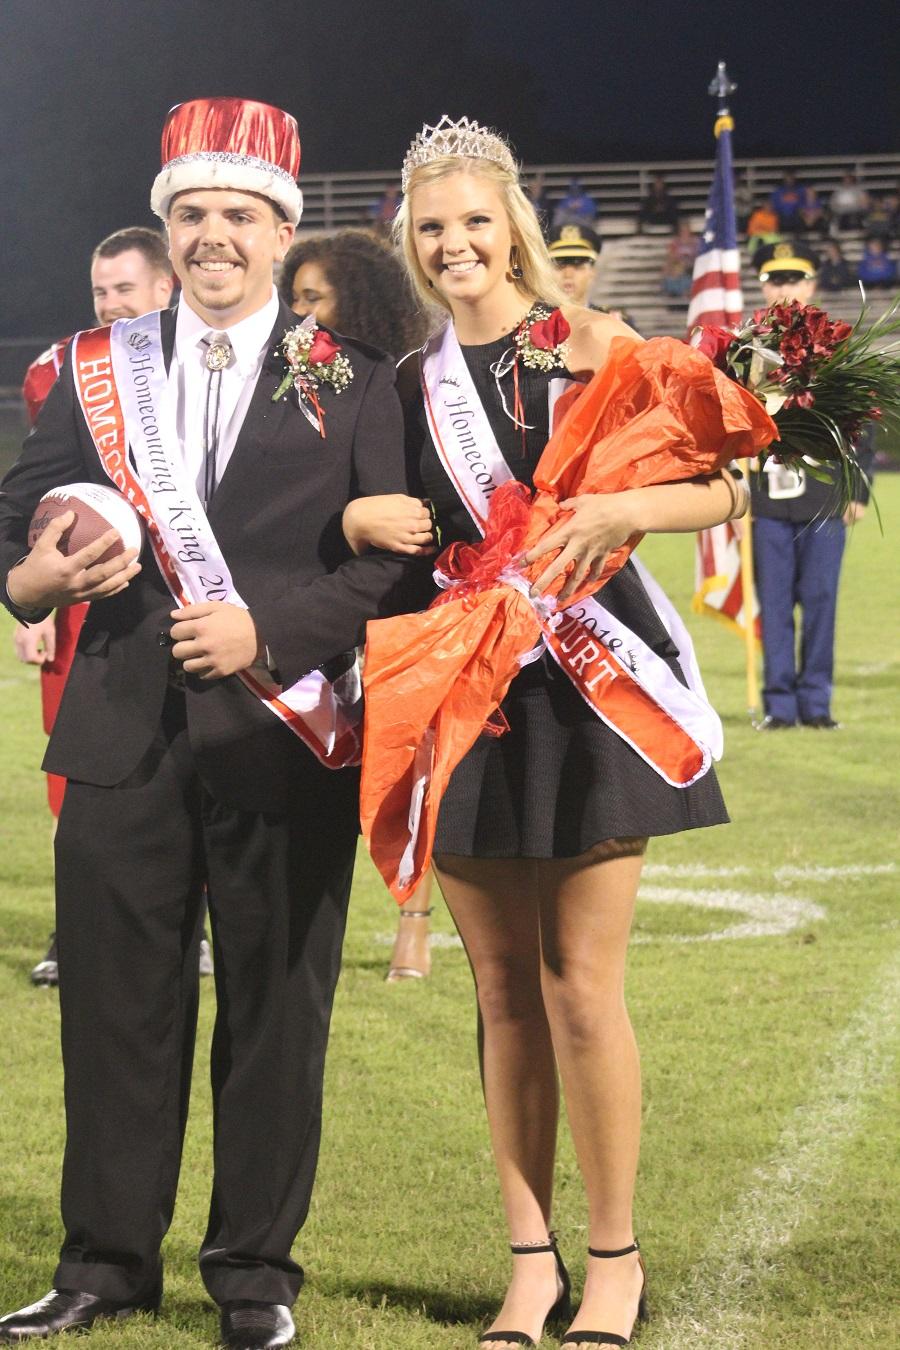 Senior homecoming king and queen Jeremy Carter and Lauren Van Allen